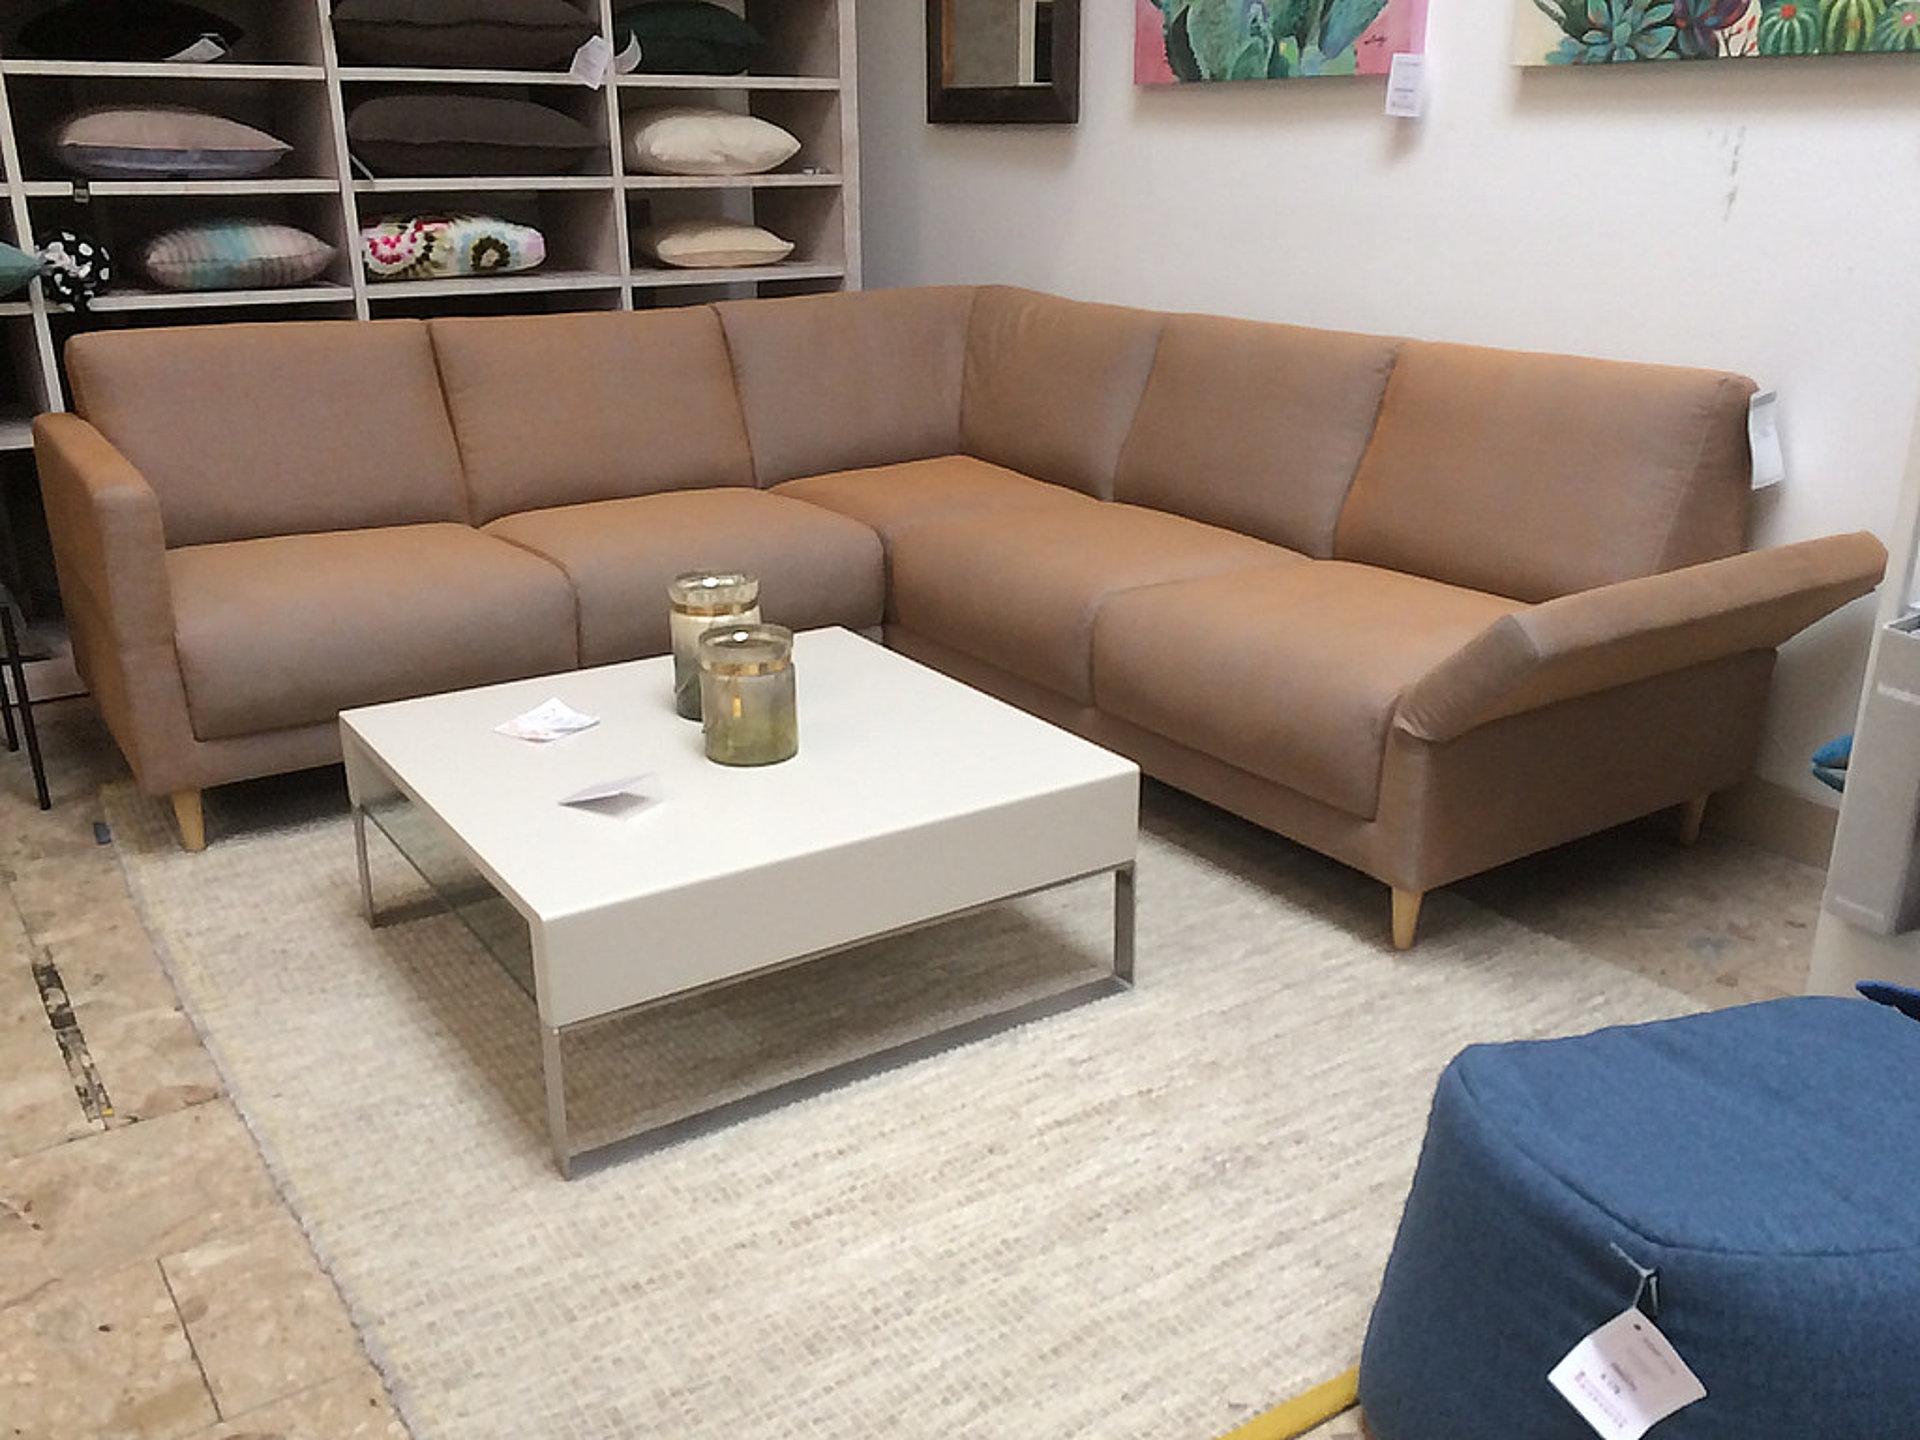 Full Size of Freistil Ausstellungsstück Bett Sofa Küche Wohnzimmer Freistil Ausstellungsstück